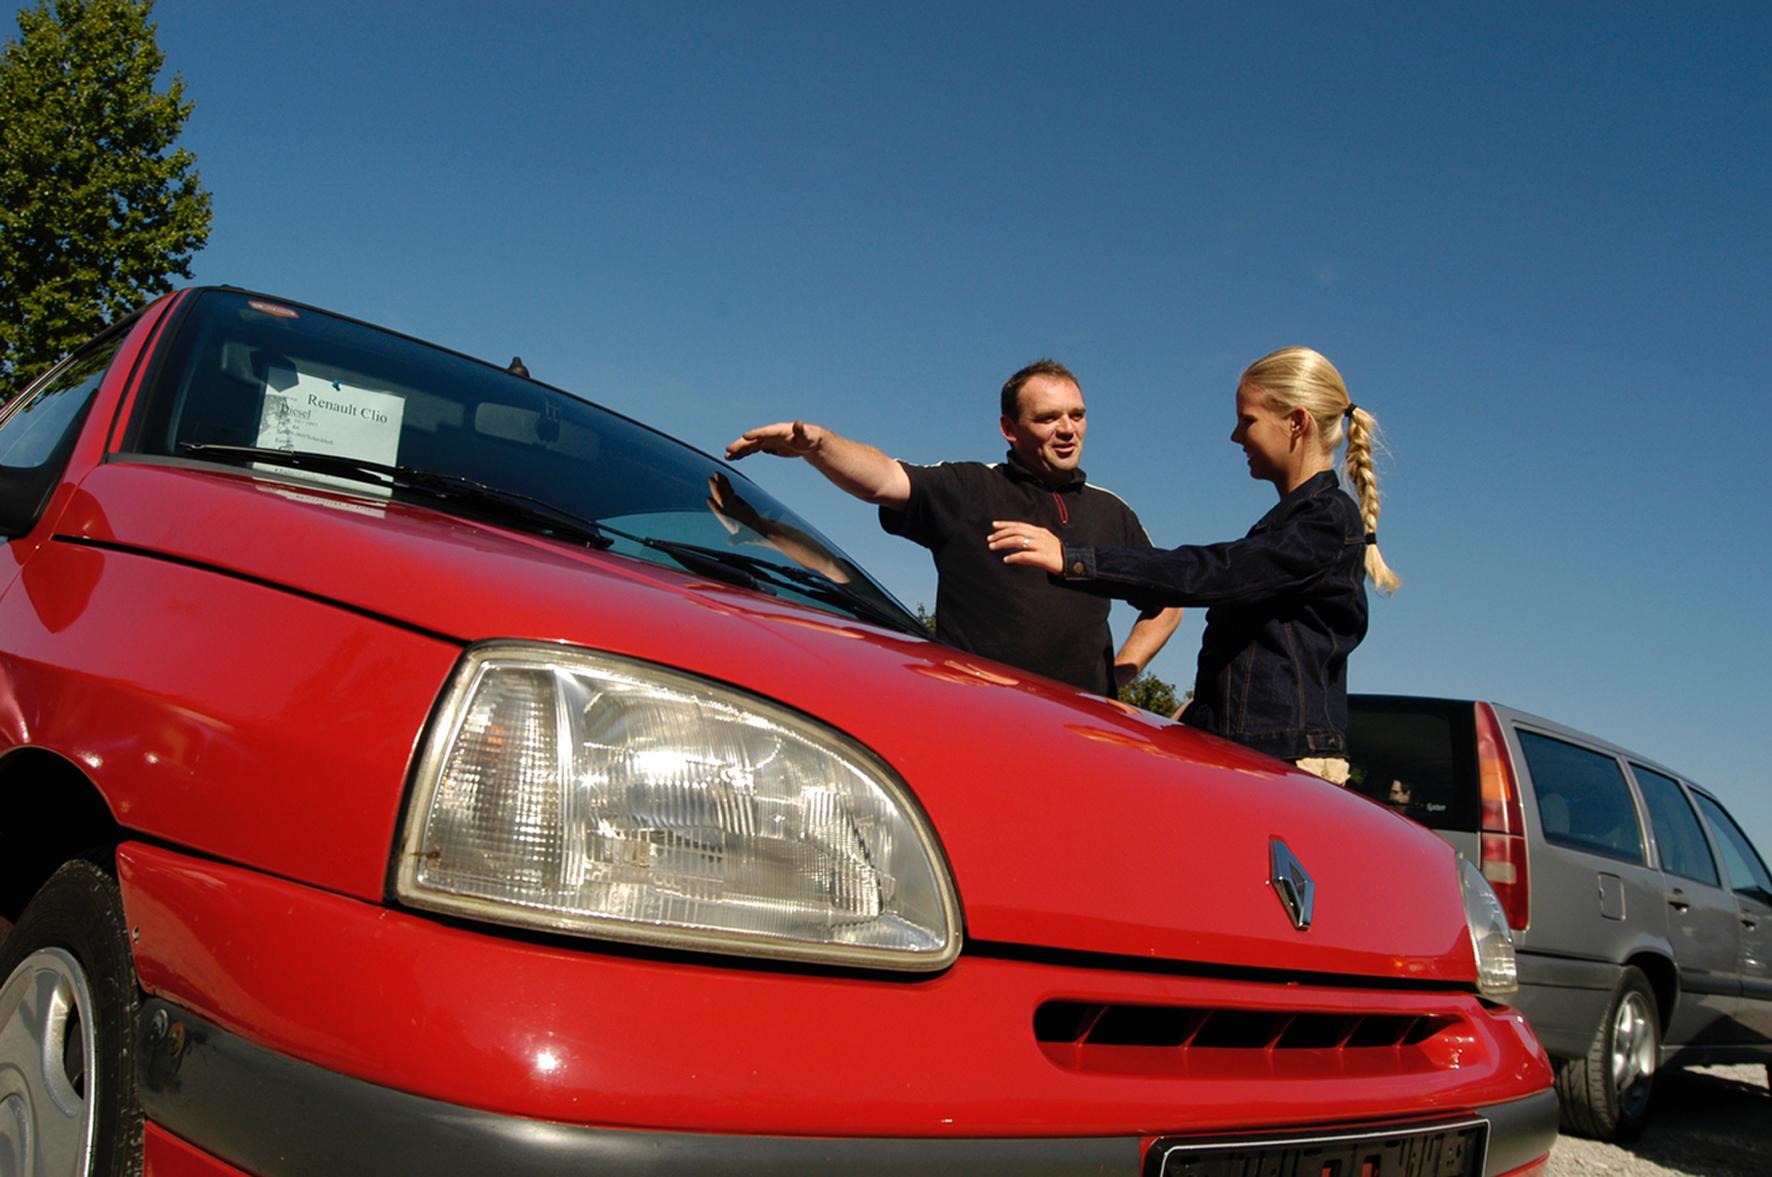 mid Groß-Gerau - Fahranfänger können beim Versicherungswechsel bis zum 30. November am meisten sparen.